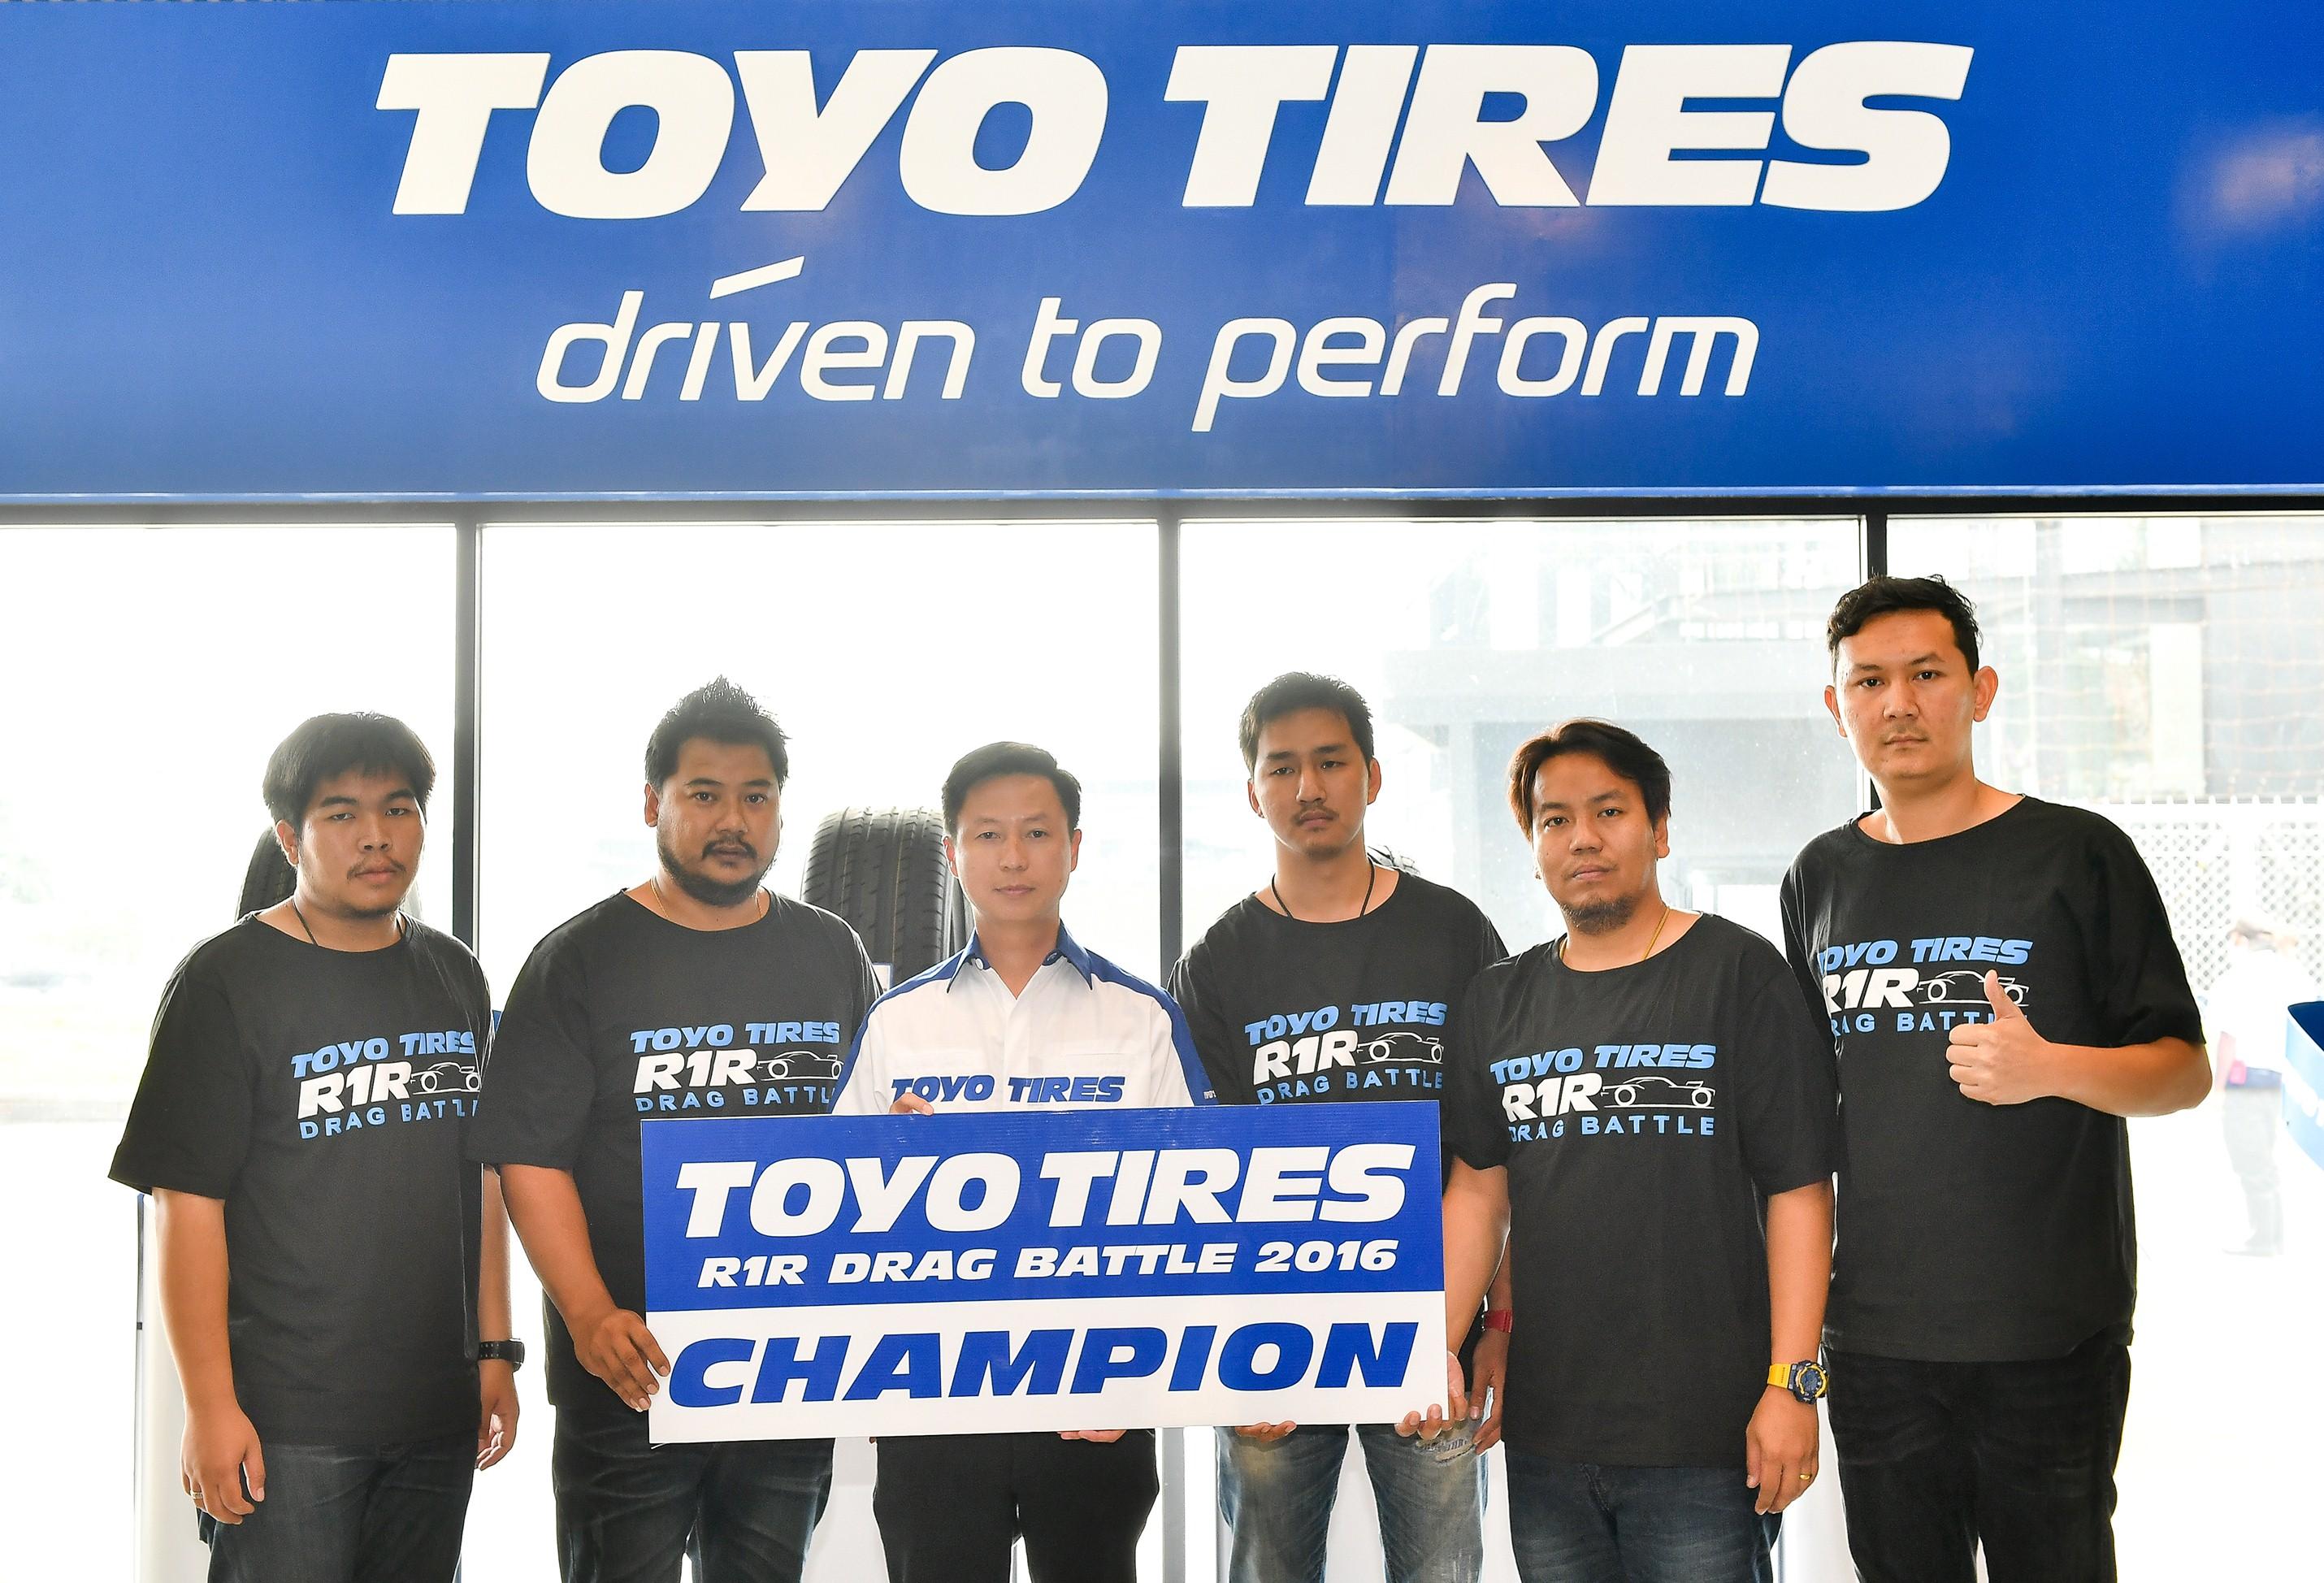 ต.สยาม มอบรางวัล แชมป์ TOYO TIRES R1R DRAG BATTLE 2016